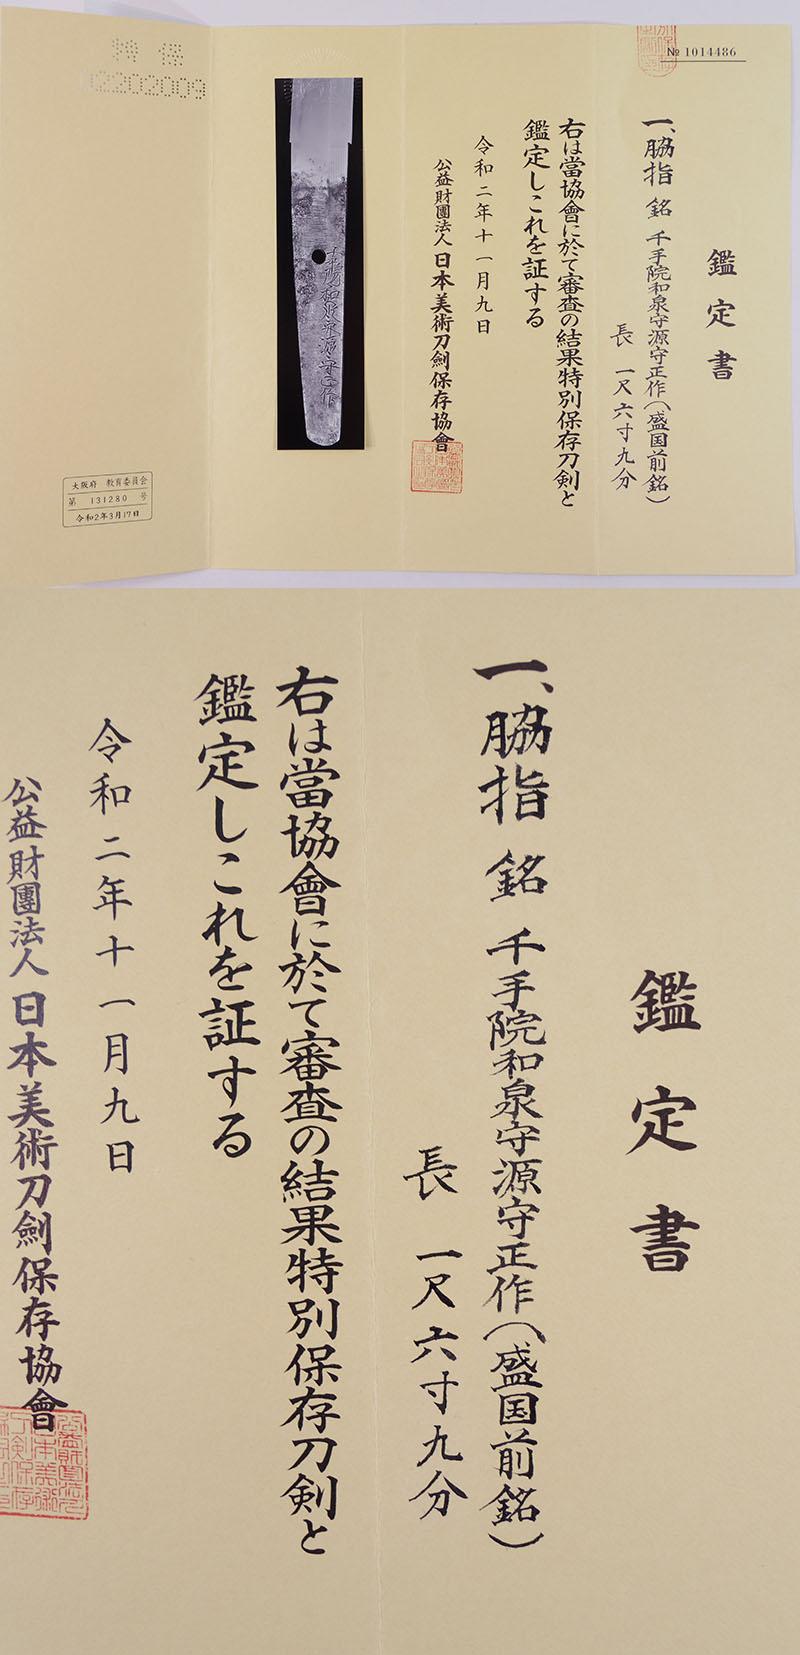 脇差 千手院和泉守源守正作(盛国前銘) (新刀上作) (業物) Picture of Certificate